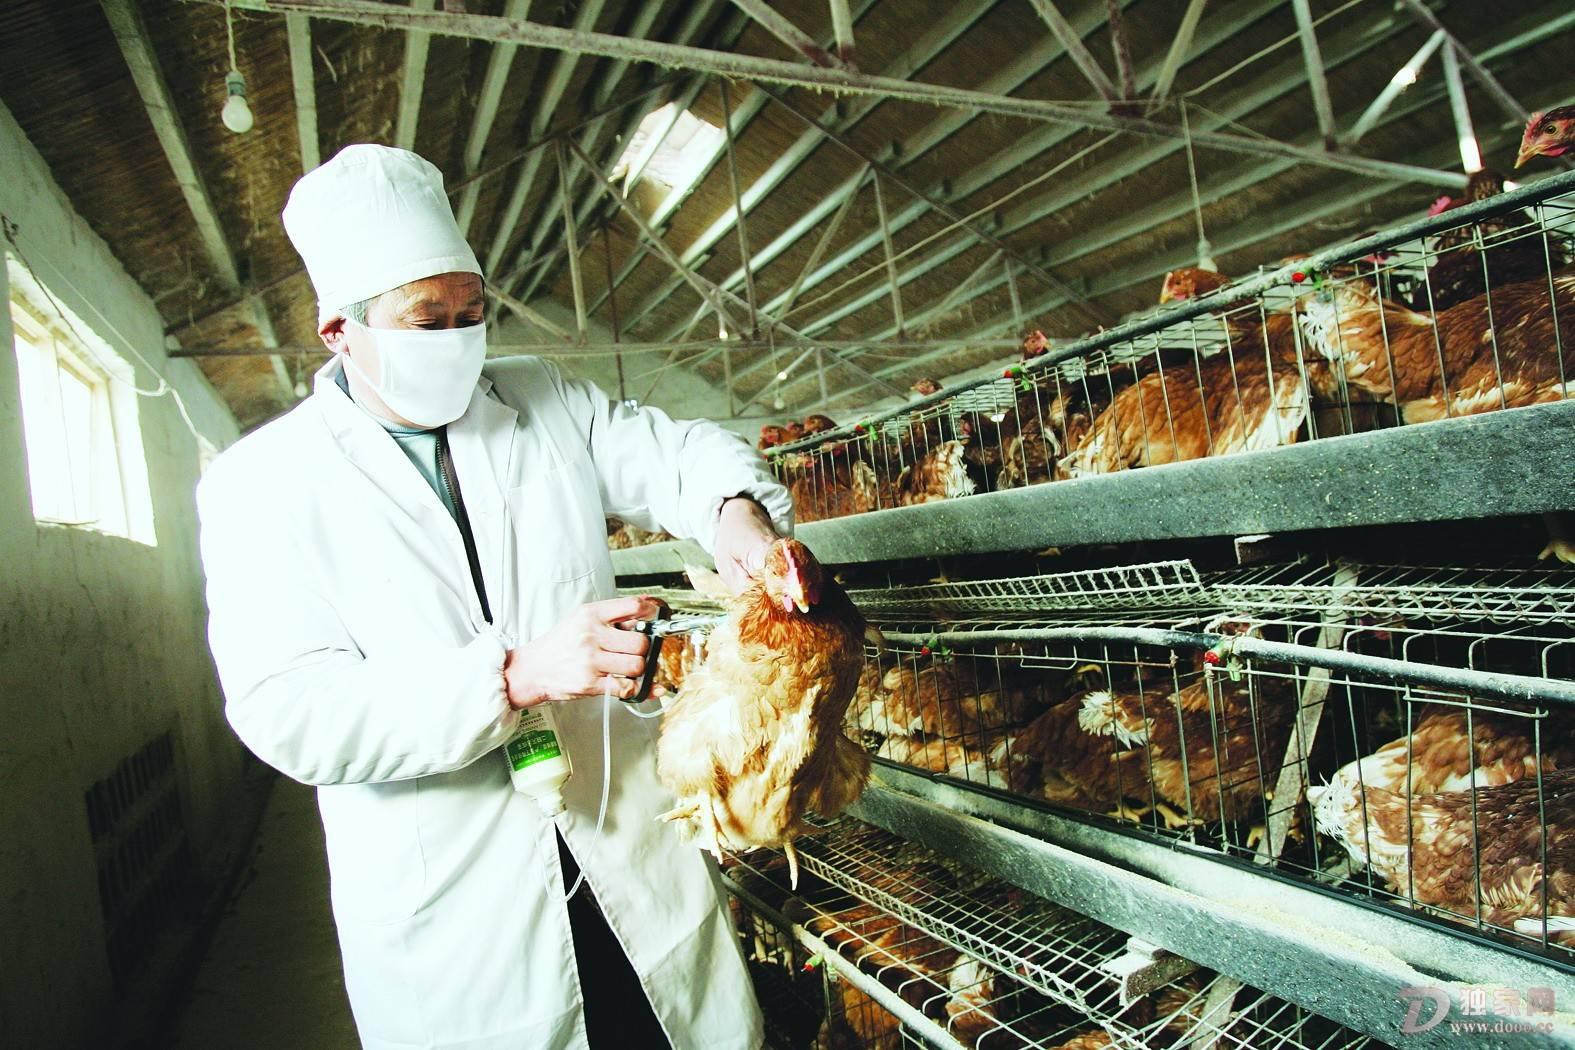 湖南泛起人熏染禽流感,专家:禽流感并不会大